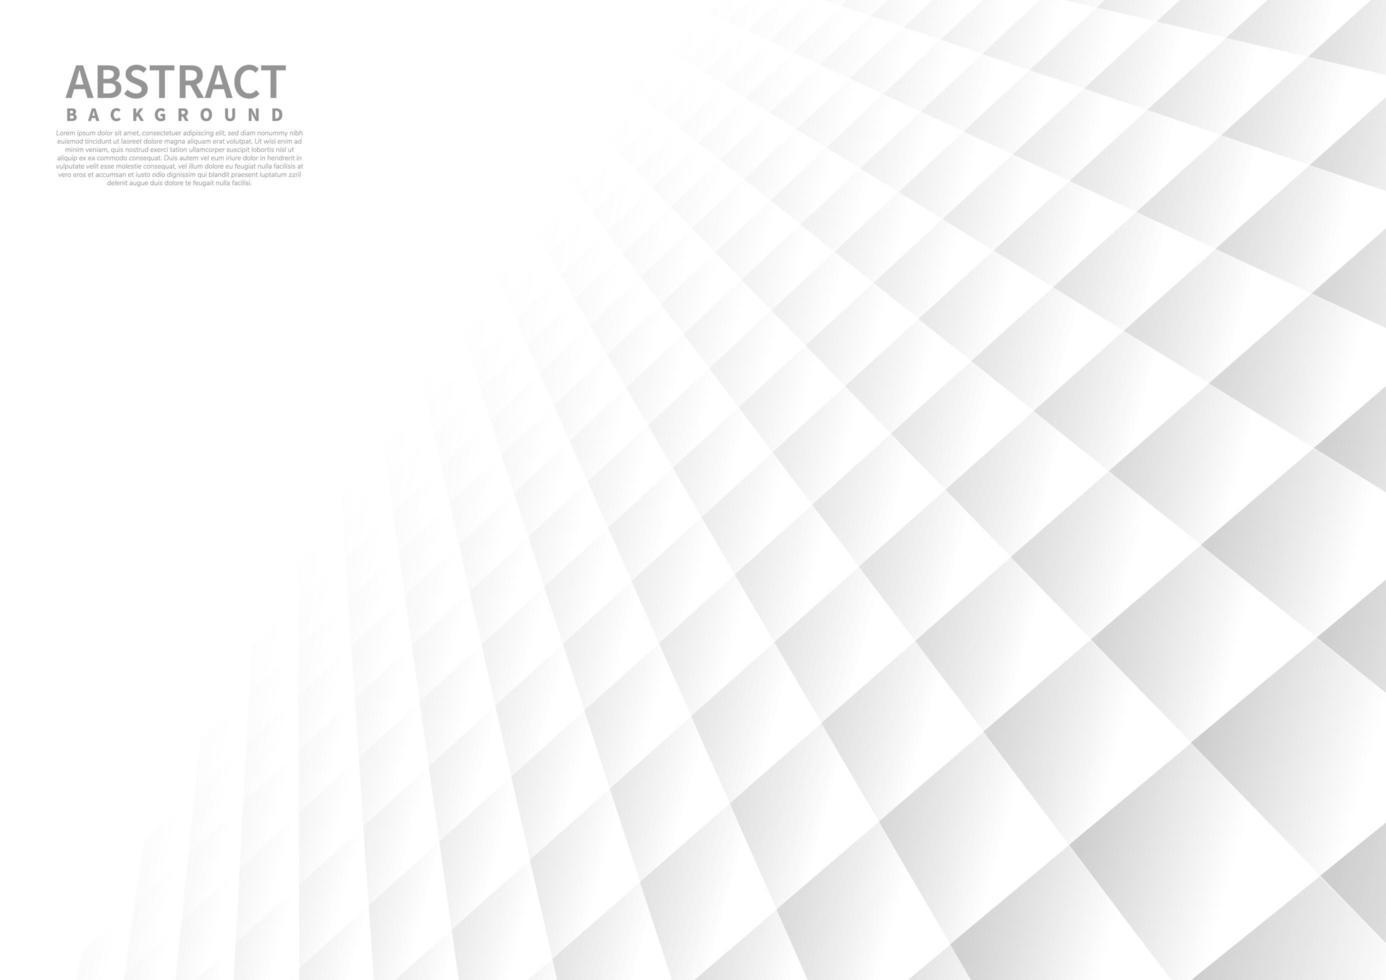 abstrakter perspektivischer quadratischer Musterhintergrund vektor